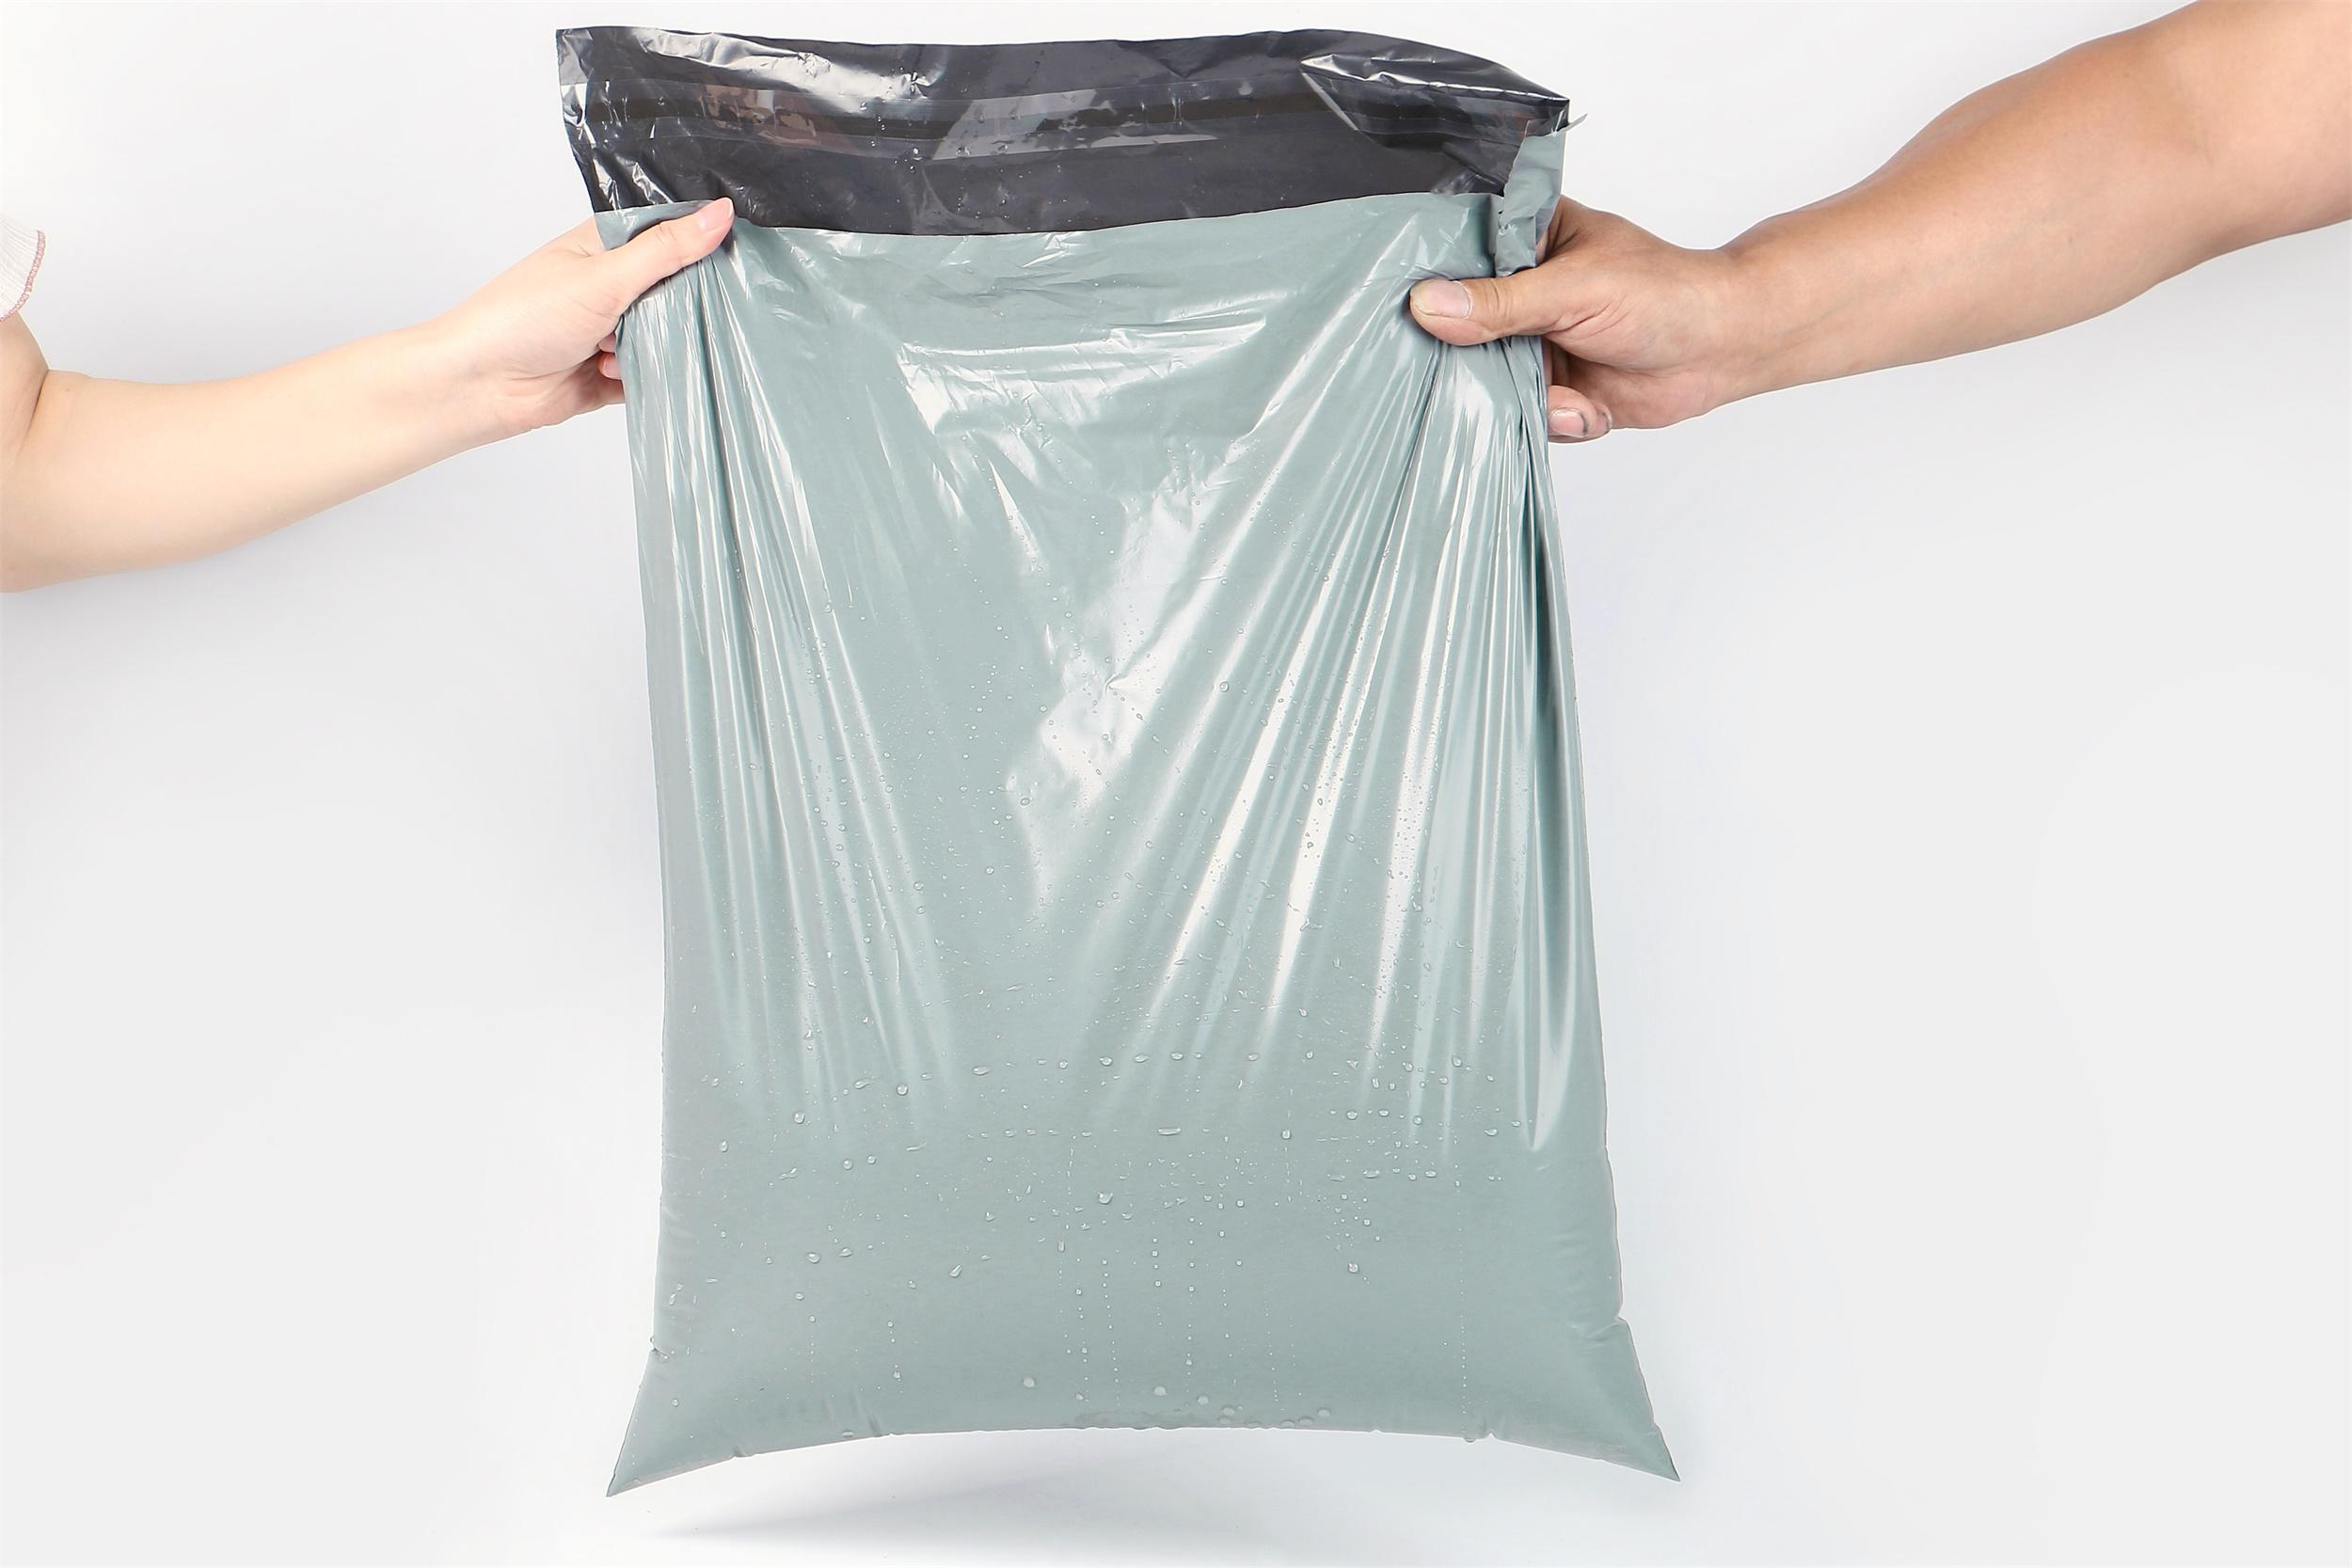 福建防水快递袋厂家如何保持快递袋的粘合